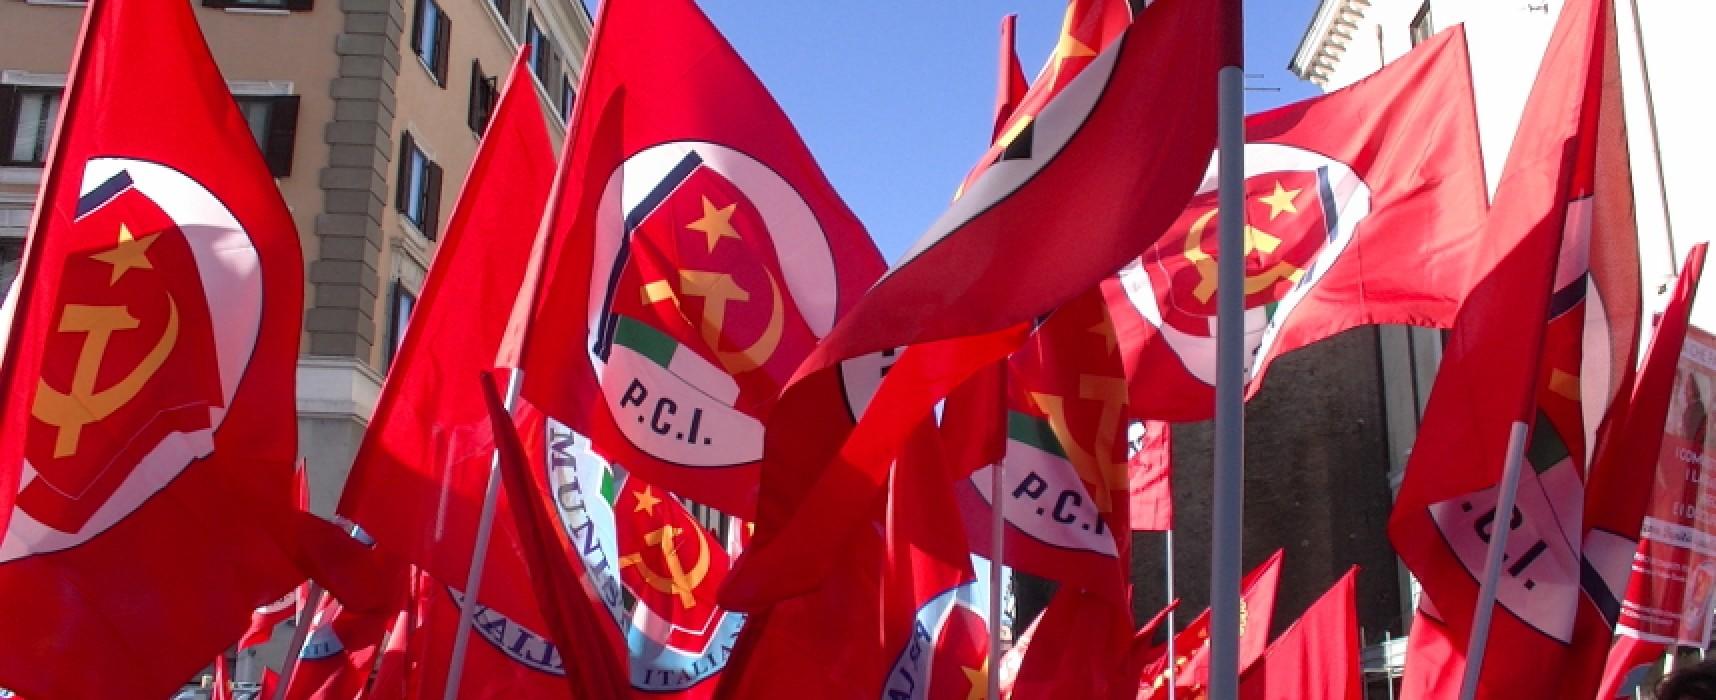 Elezioni regionali, comizio del Partito Comunista d'Italia in Piazza Vittorio Emanuele